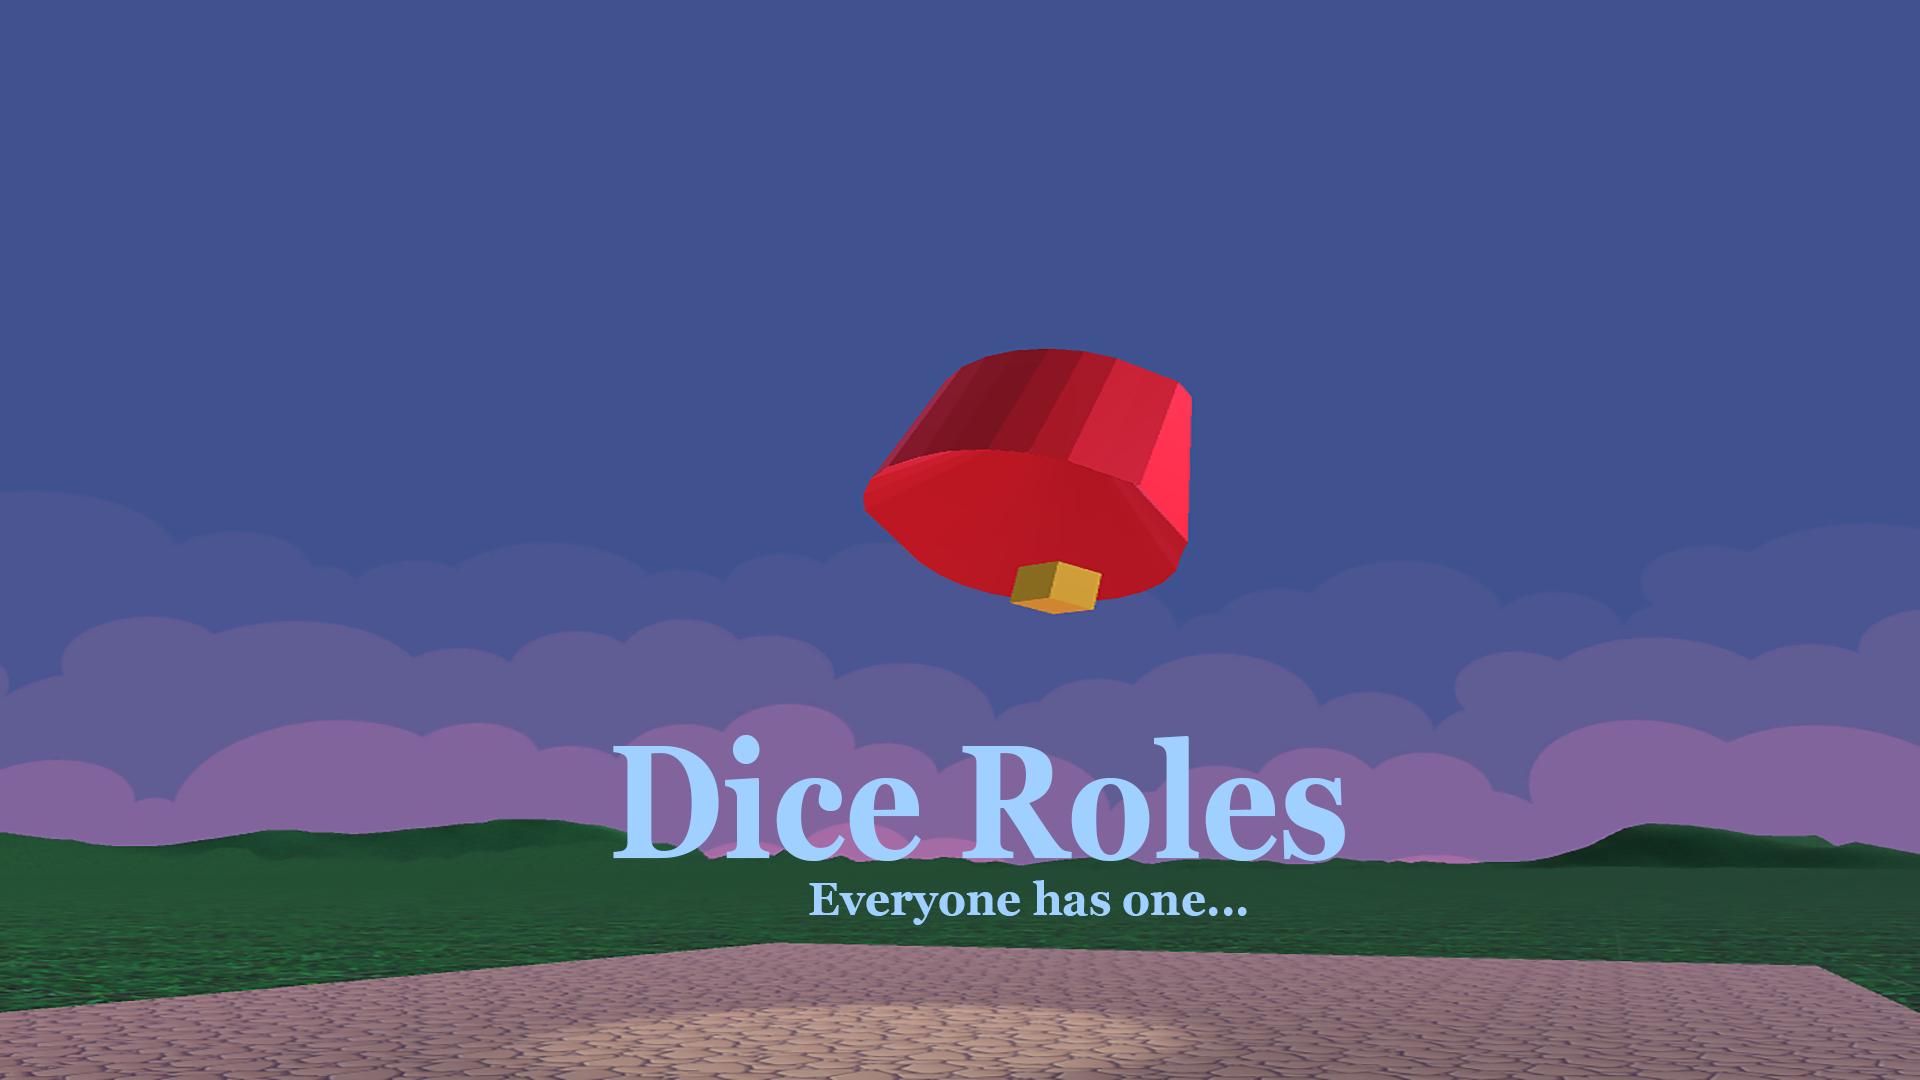 Dice Roles